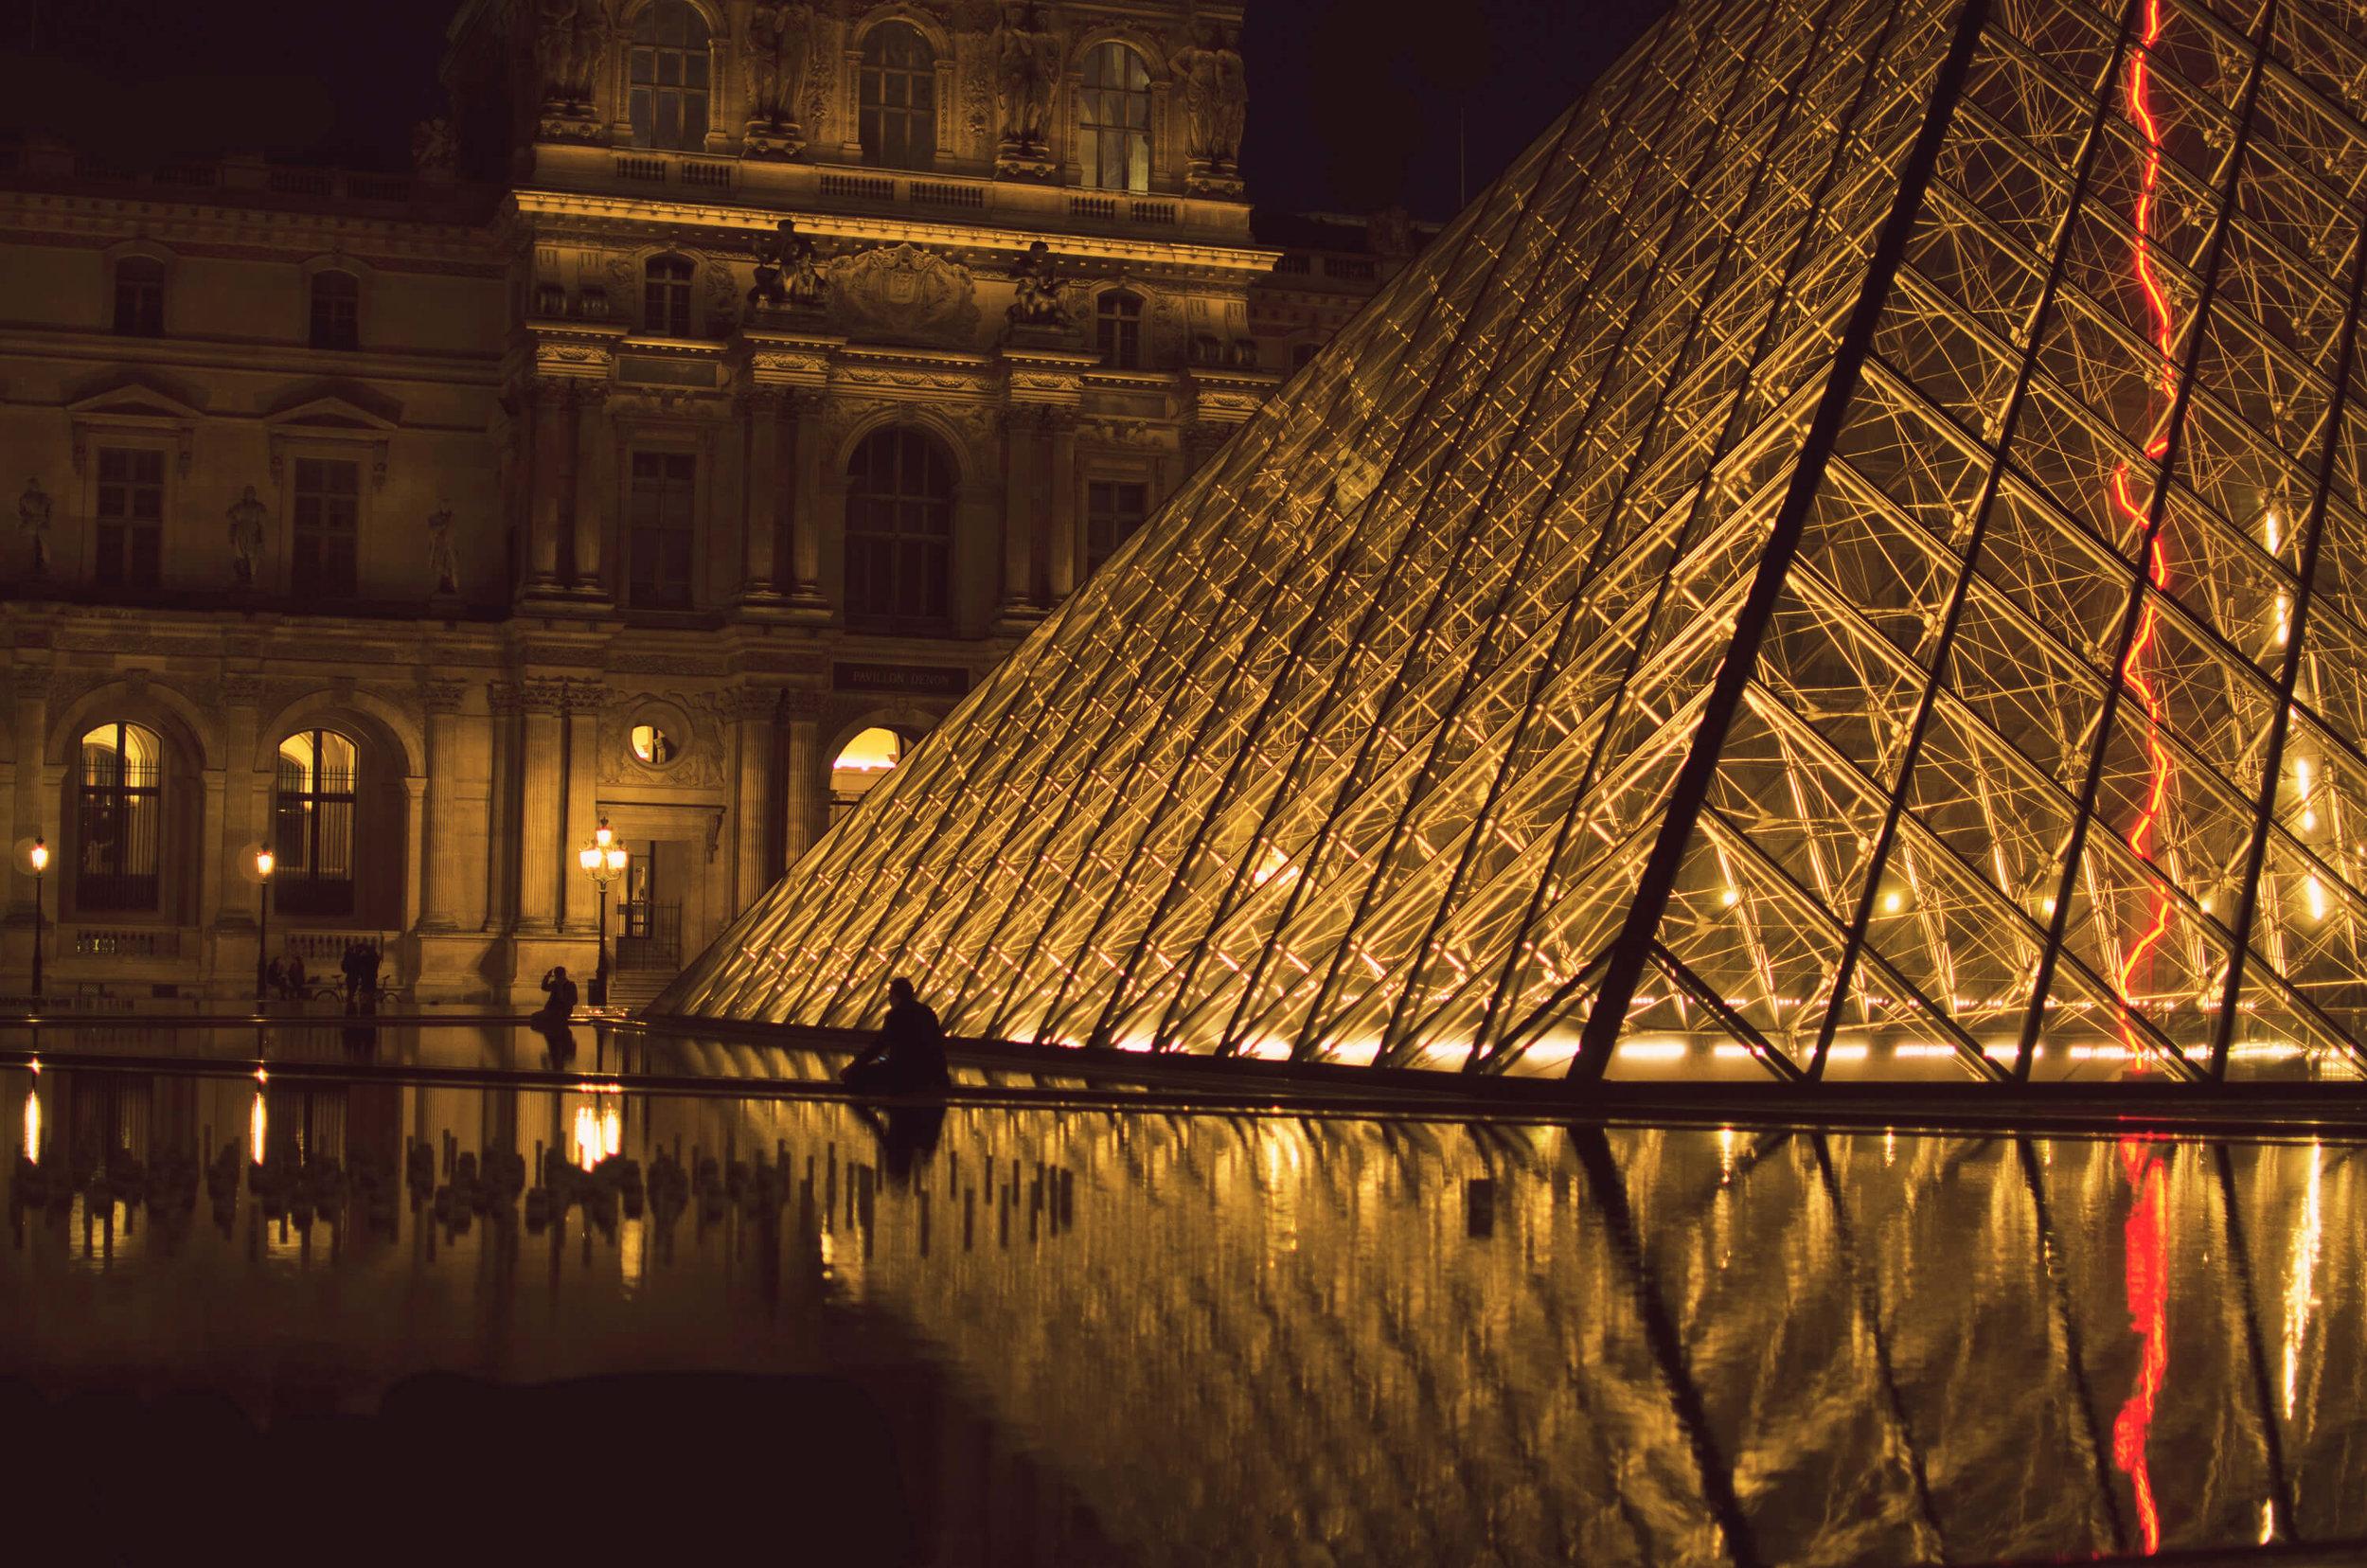 Louvre, Paris by Sam Spahr